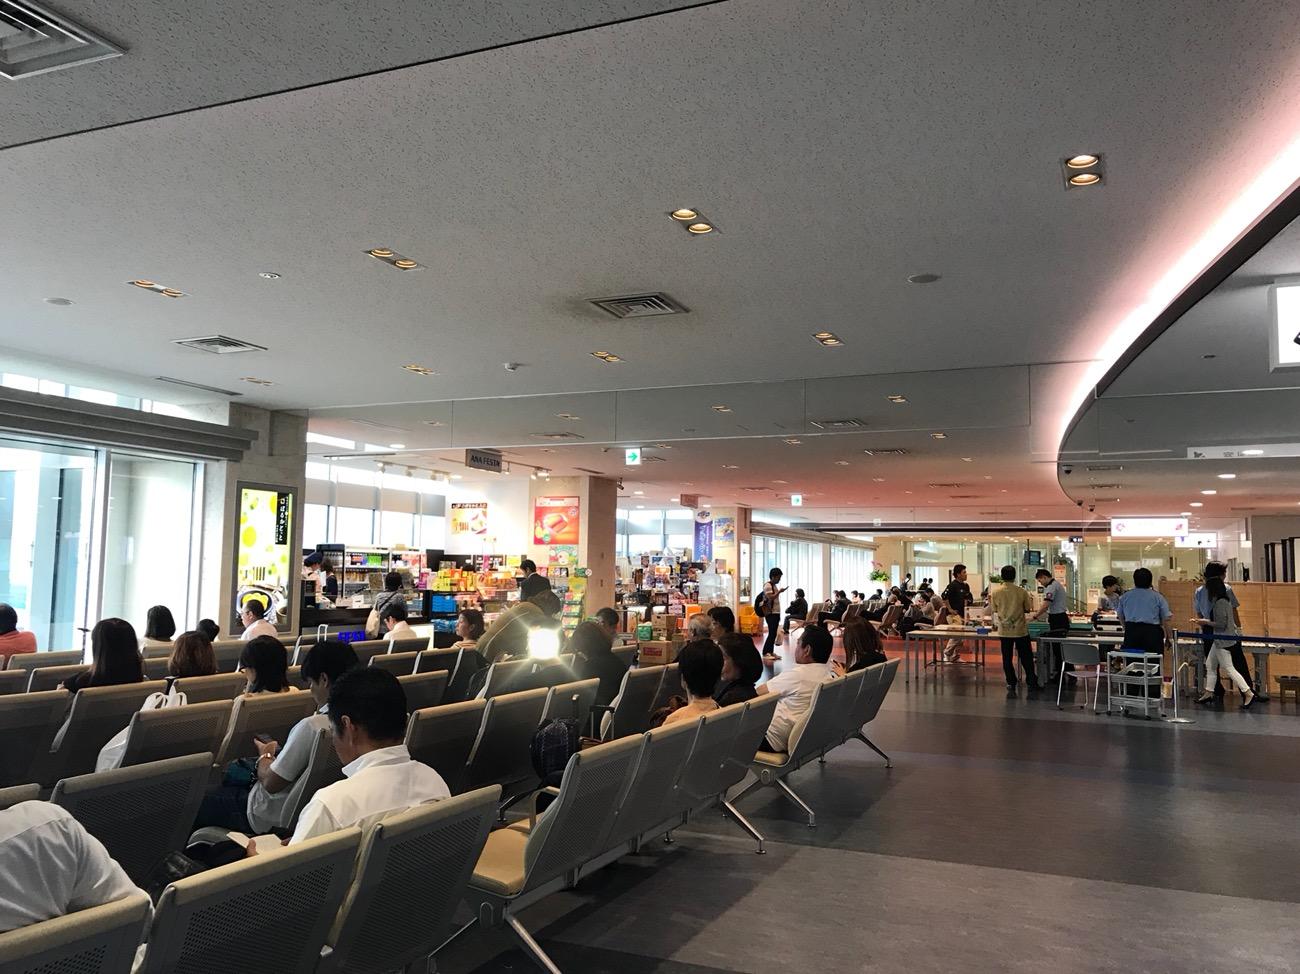 石垣空港にはラウンジがない 時間をつぶせる場所